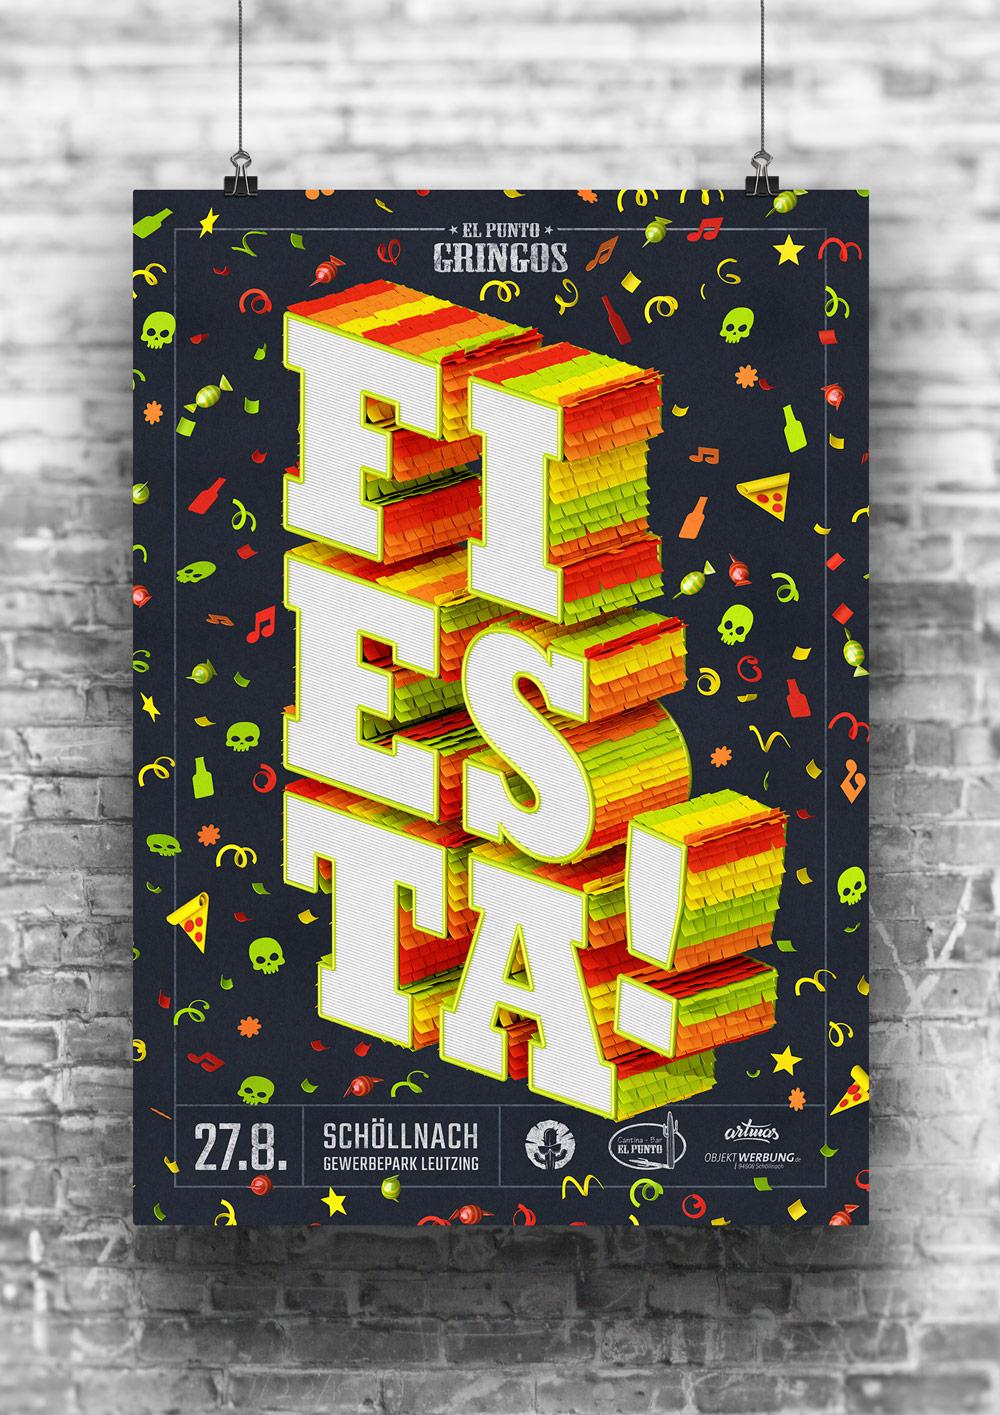 Gringos Fiesta 2016 | Poster | Illustration By Artjom Meister | Art-mas.com